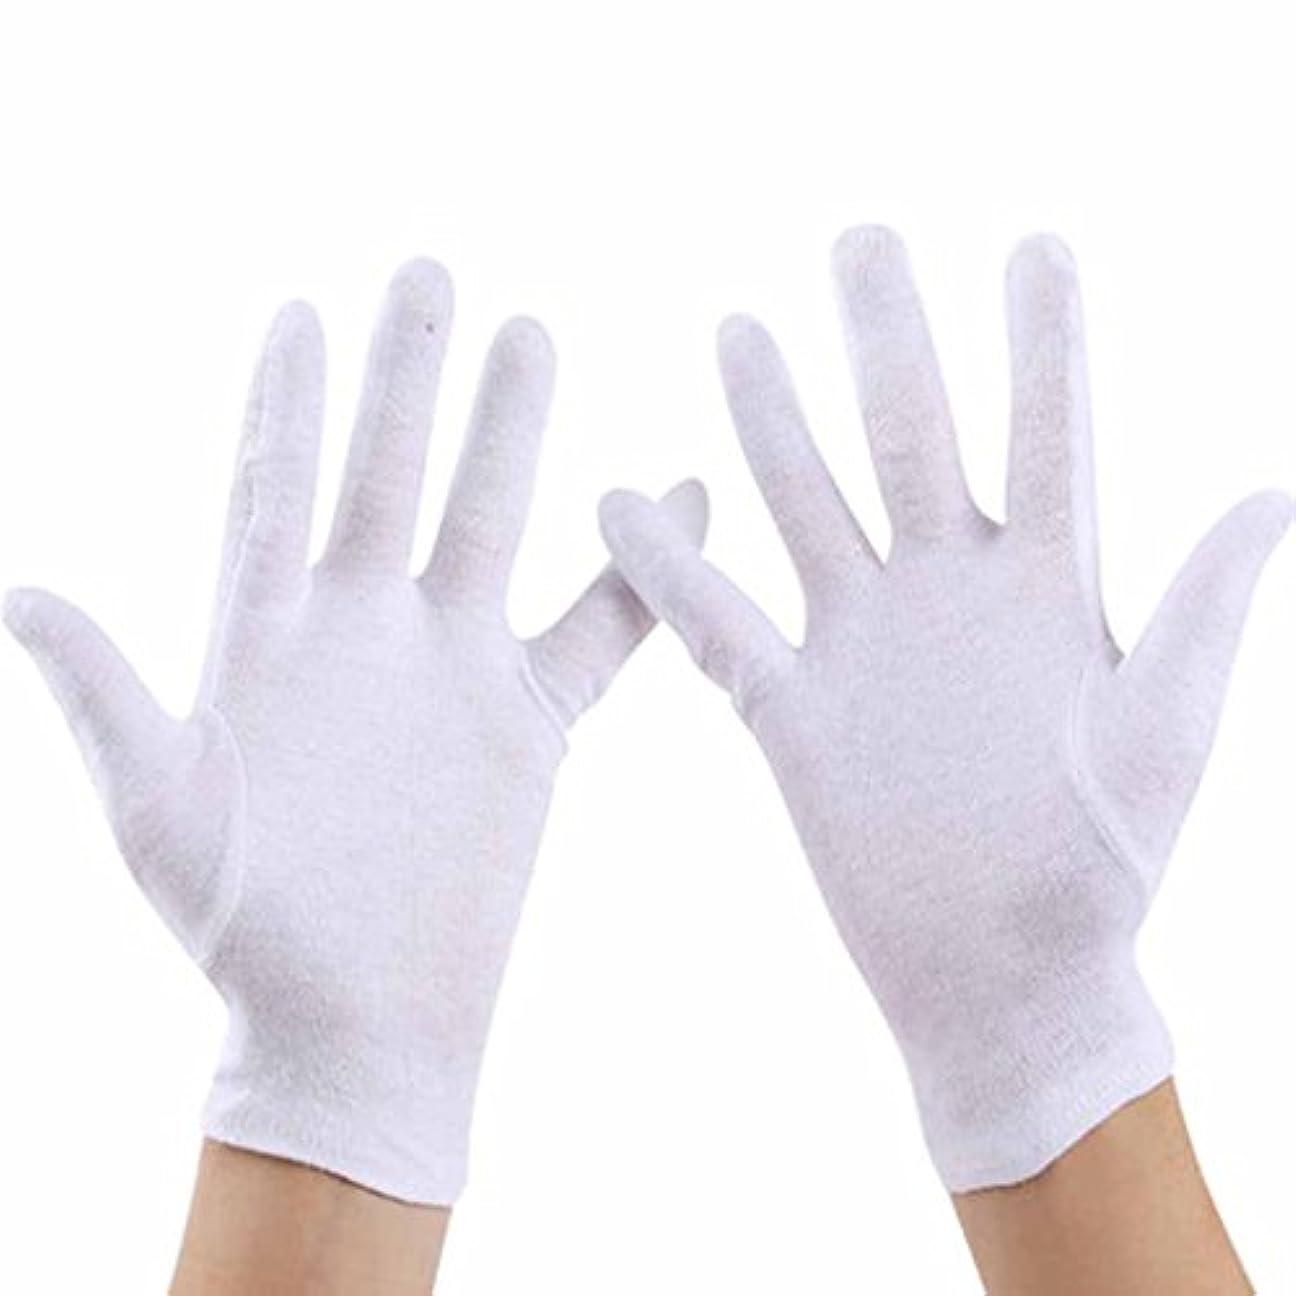 シャーク提供された取り壊す使い捨て手袋 ホワイトエチケットコットン手袋、快適で 吸収性手袋 (Size : L)